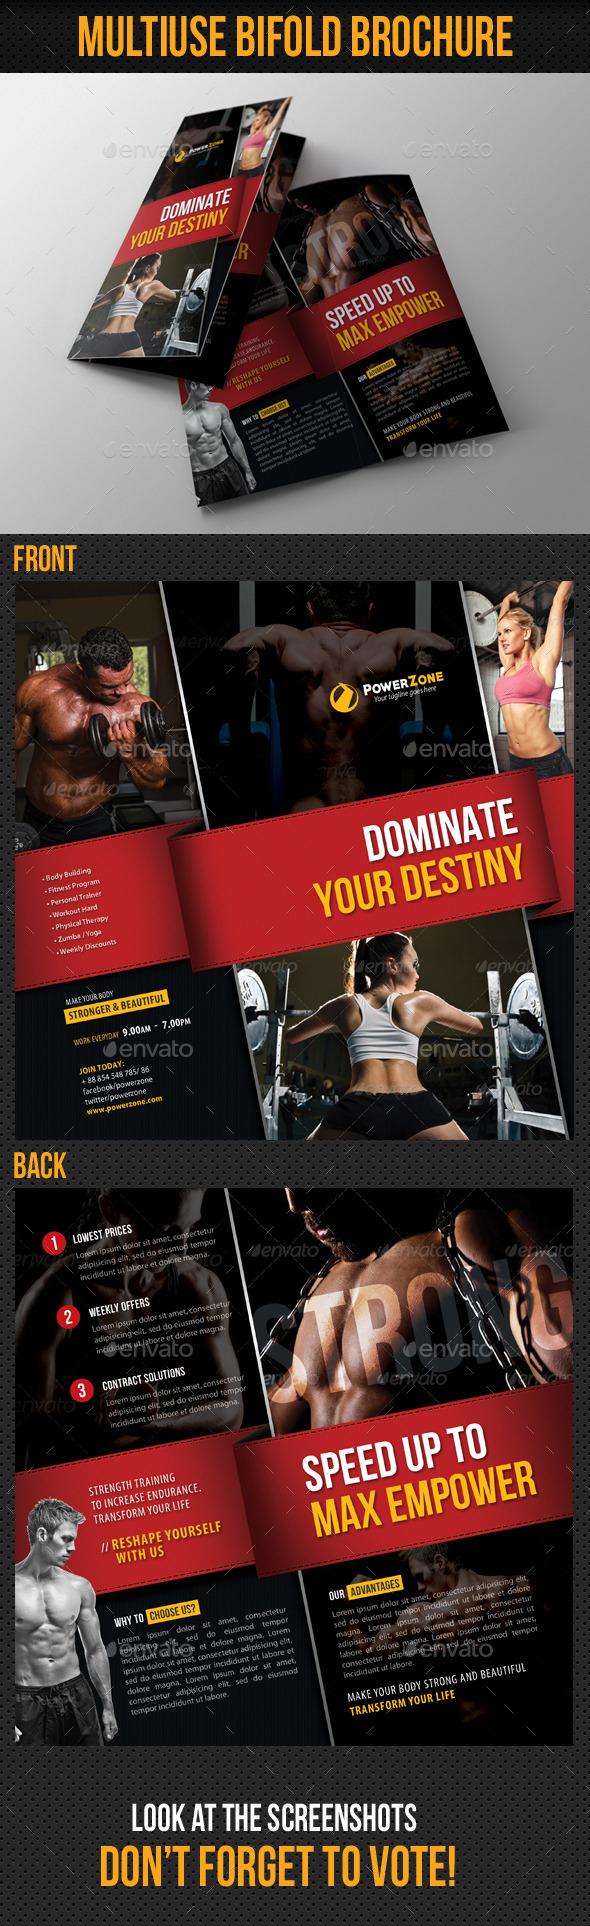 Sport Activity Bifold Brochure - Corporate Brochures